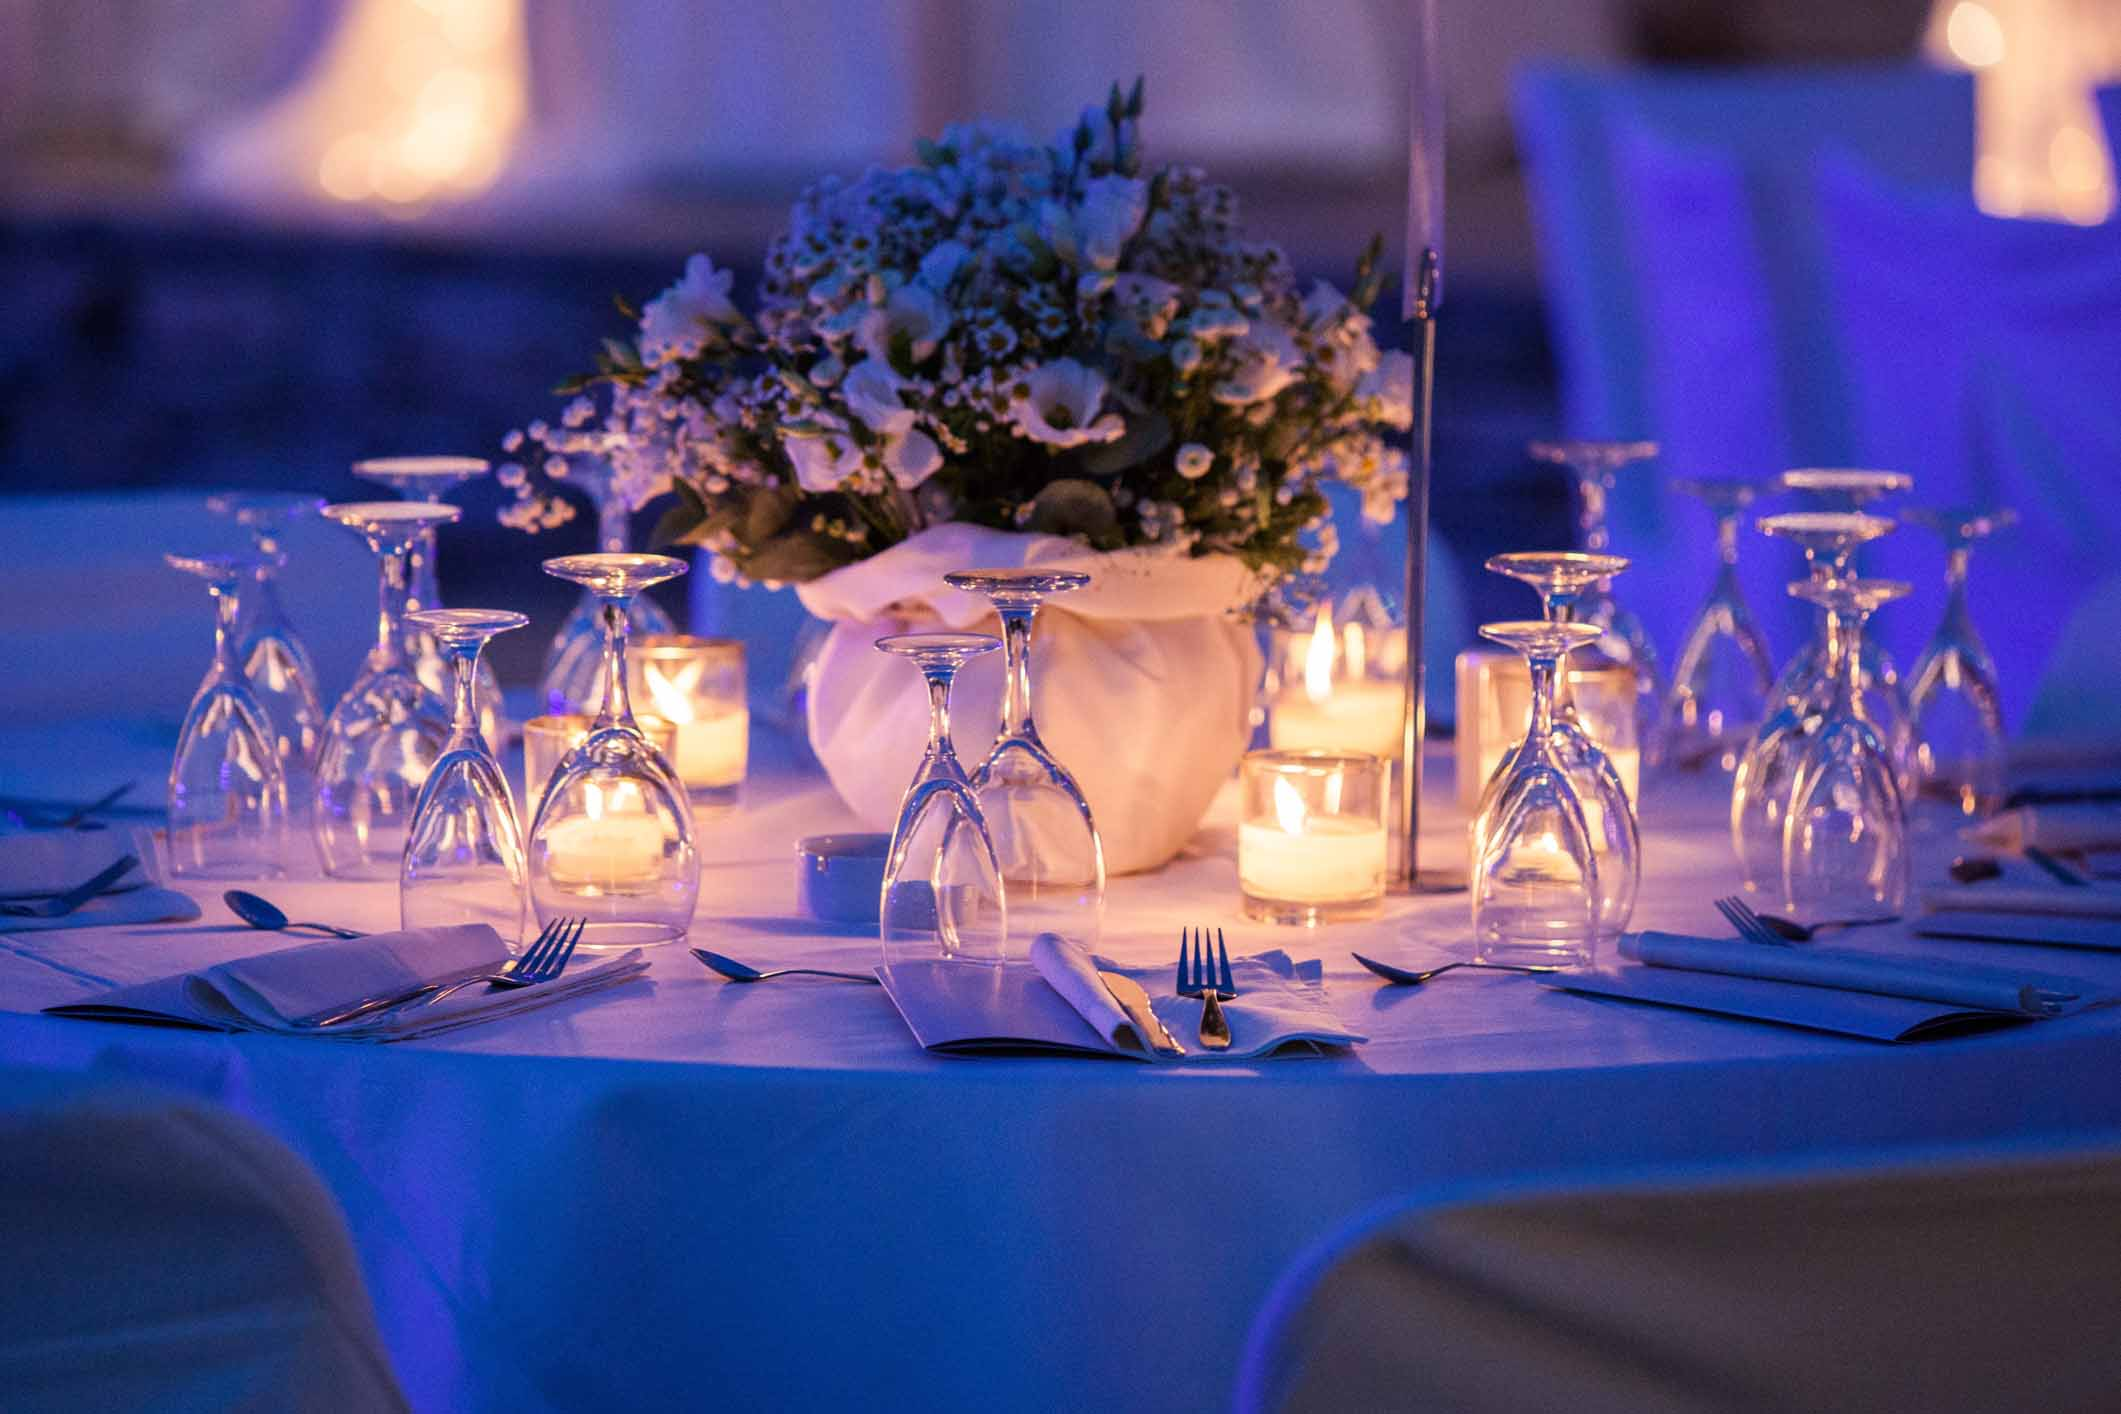 Küünlavalgus sinise LED-valgusega õhtusöögil